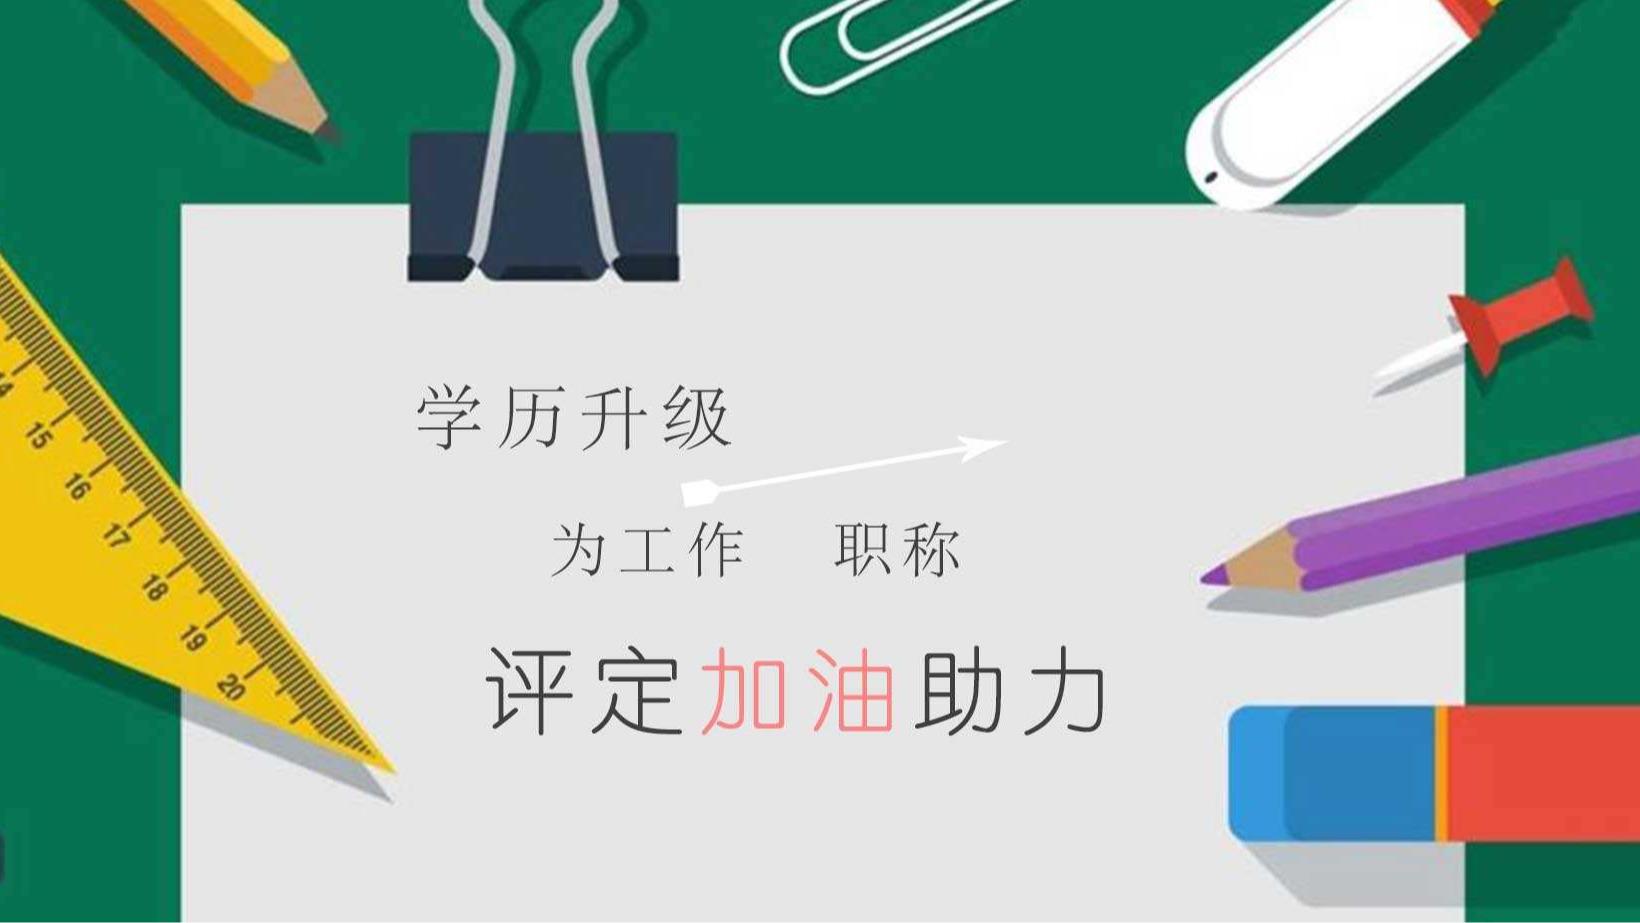 领秀教育:成考专升本和普高专升本的区别